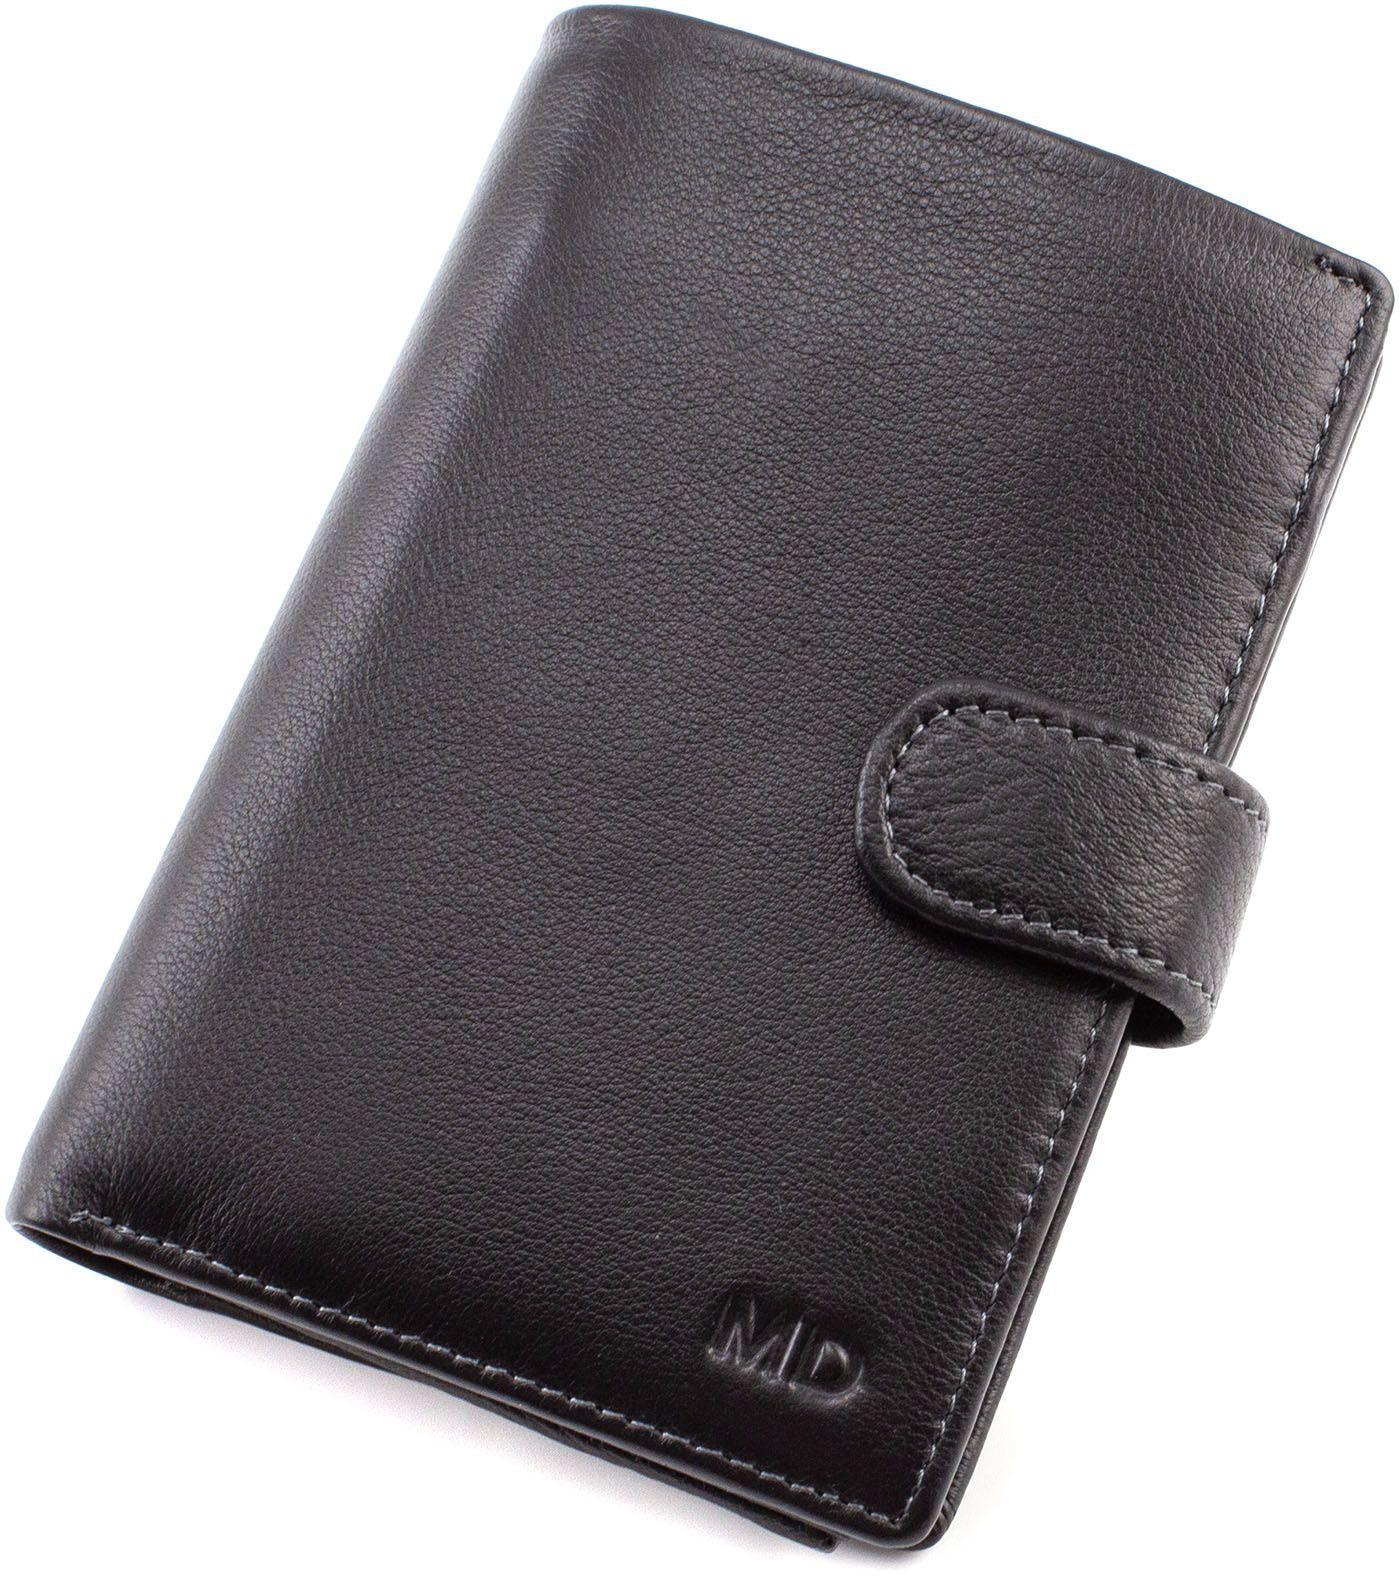 575f25ed17a9 Кожаный вертикальный кошелек с блоком для документов MD Leather (16578)